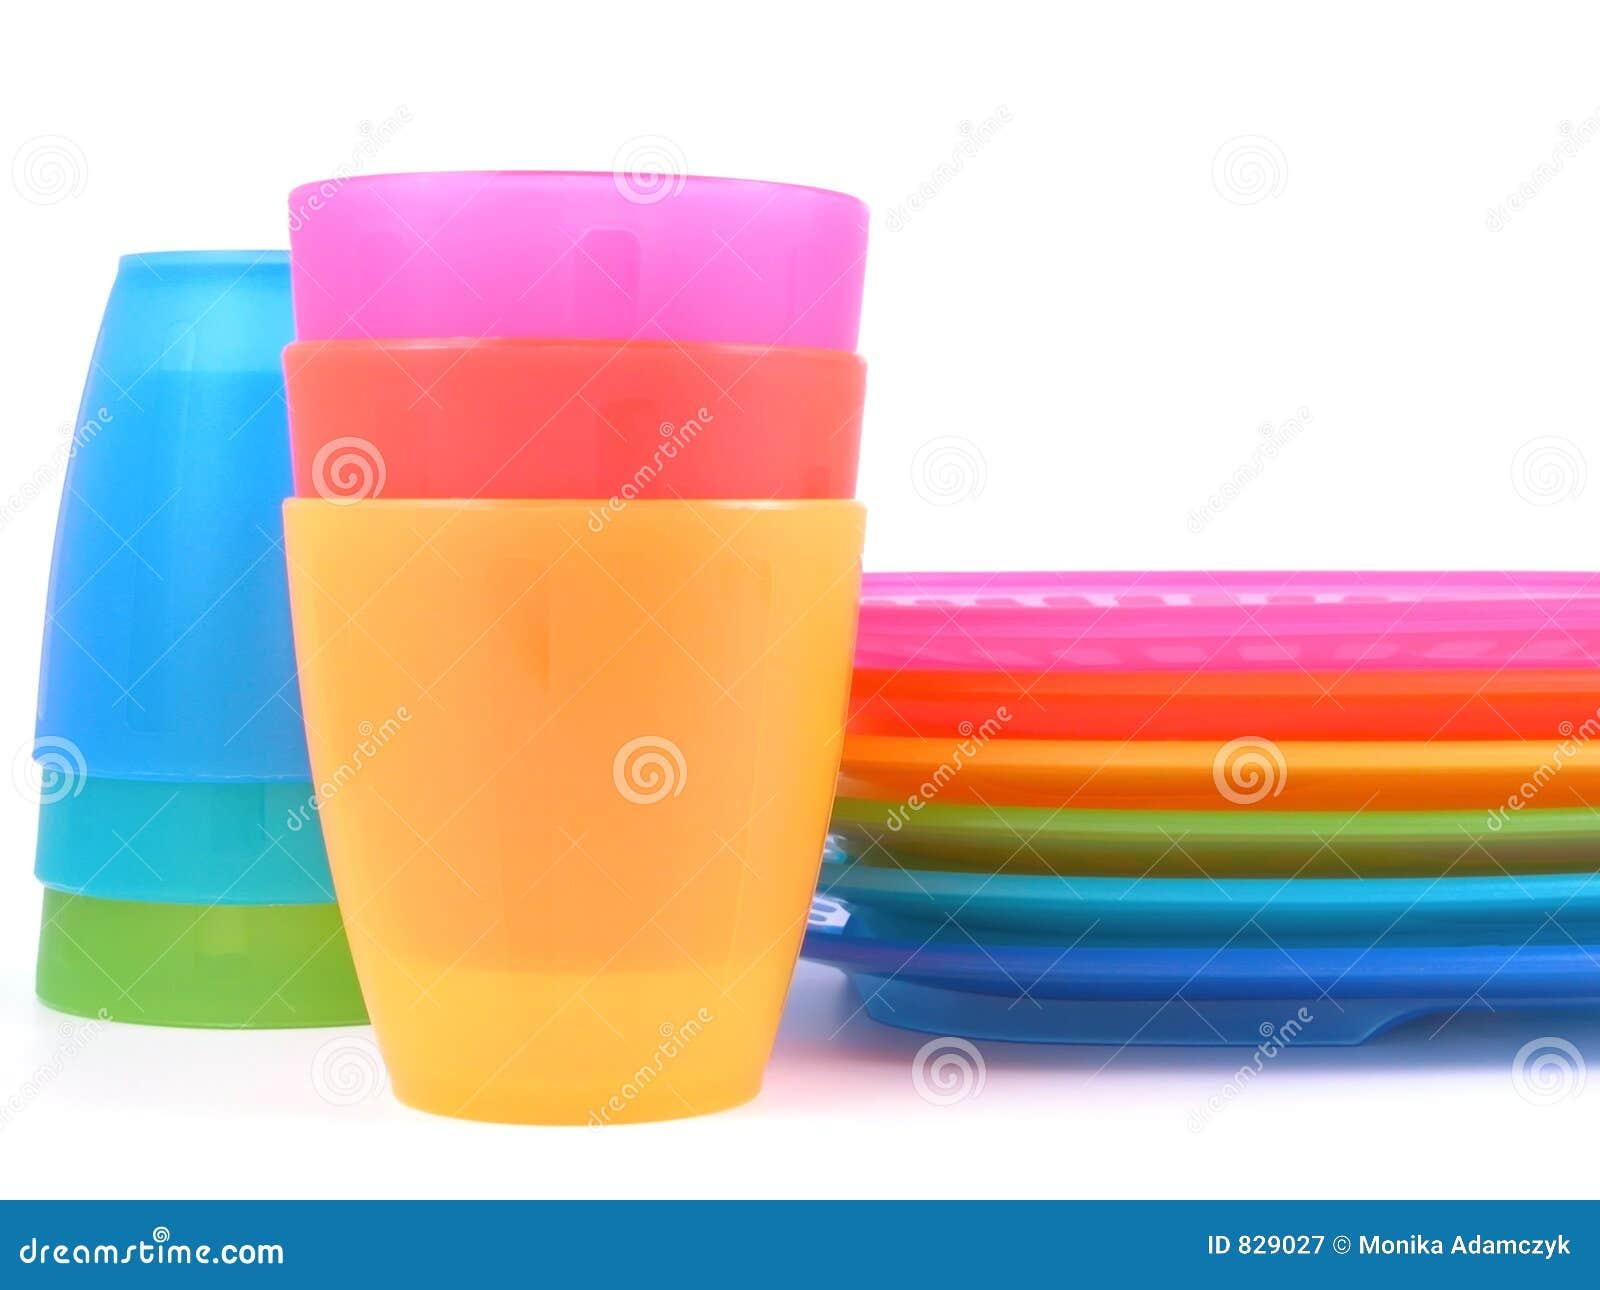 sc 1 st  CartoonDealer.com & Plastic Cups And Plates Stock Photography | CartoonDealer.com #9285122